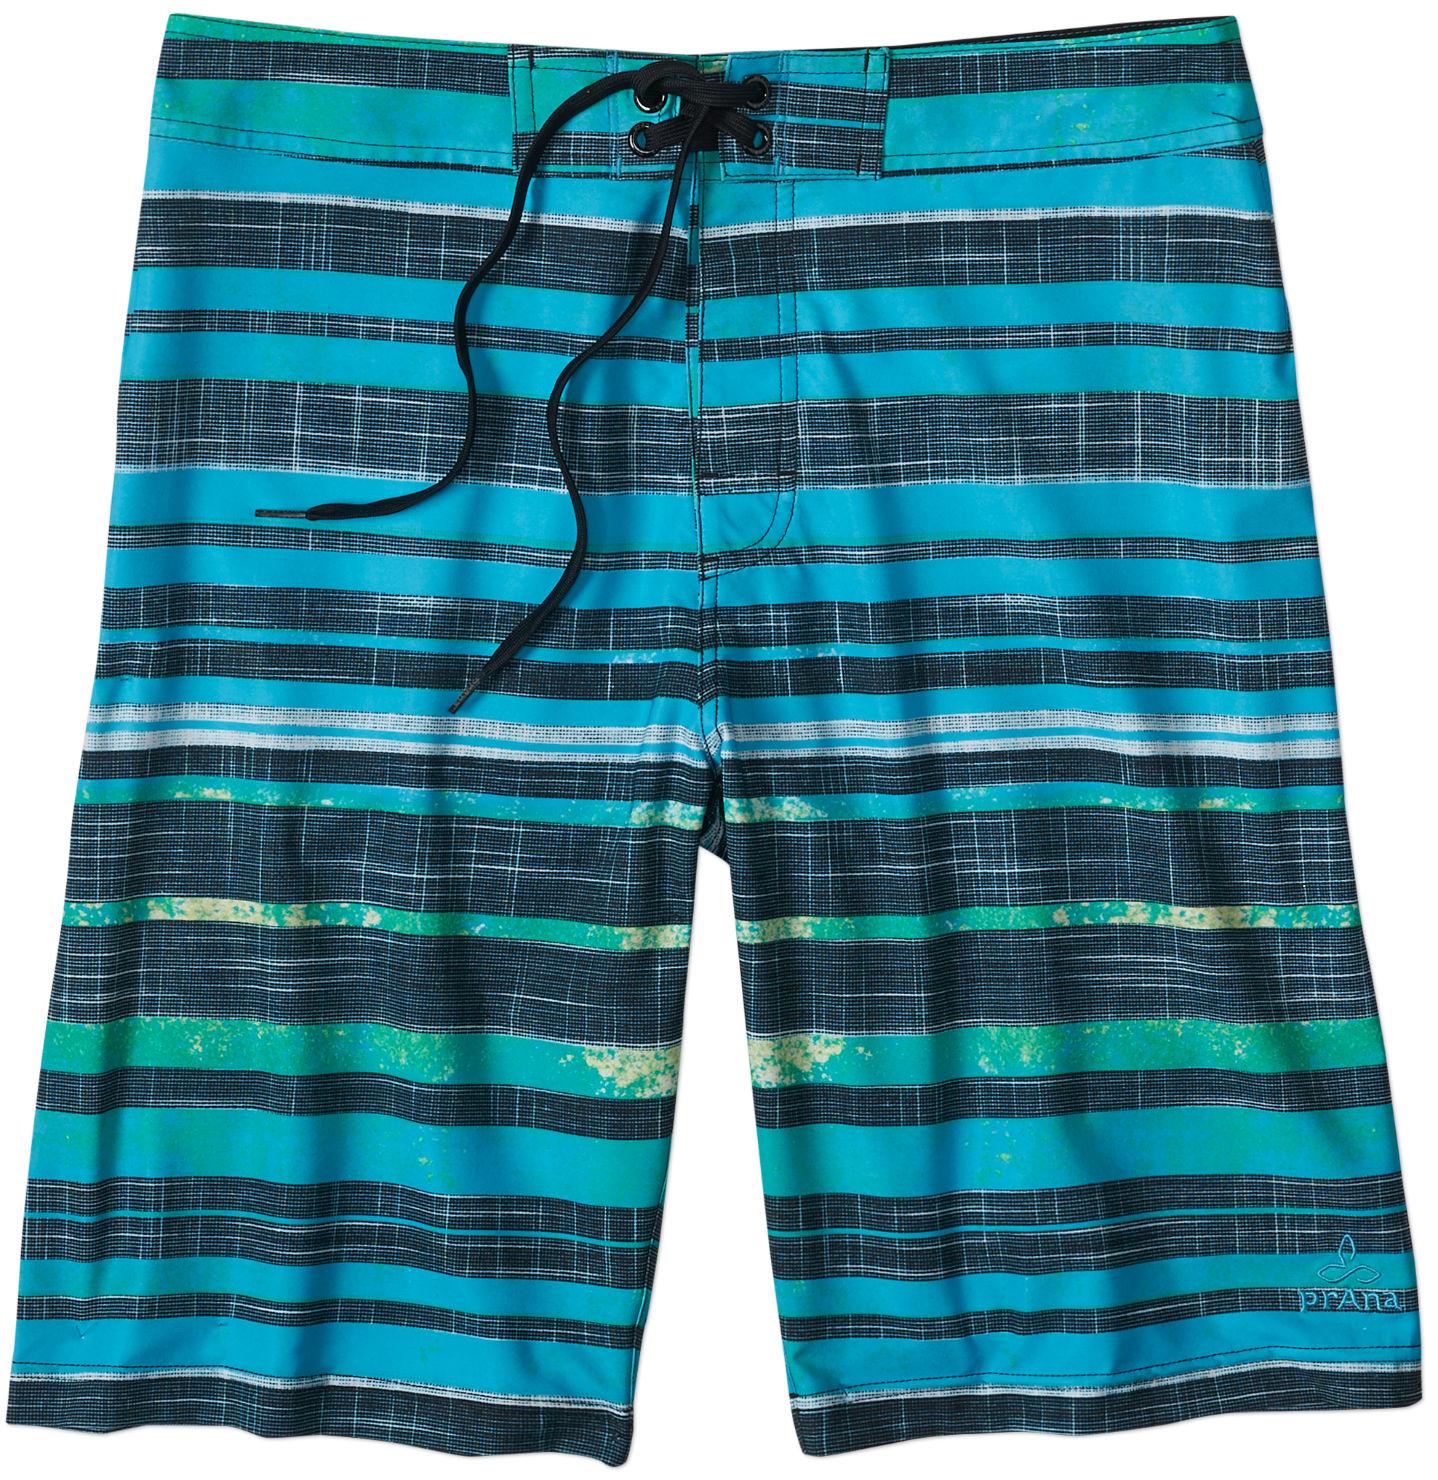 6339fbd81c Prana Sediment Short - Mens, Up to 45% Off — CampSaver